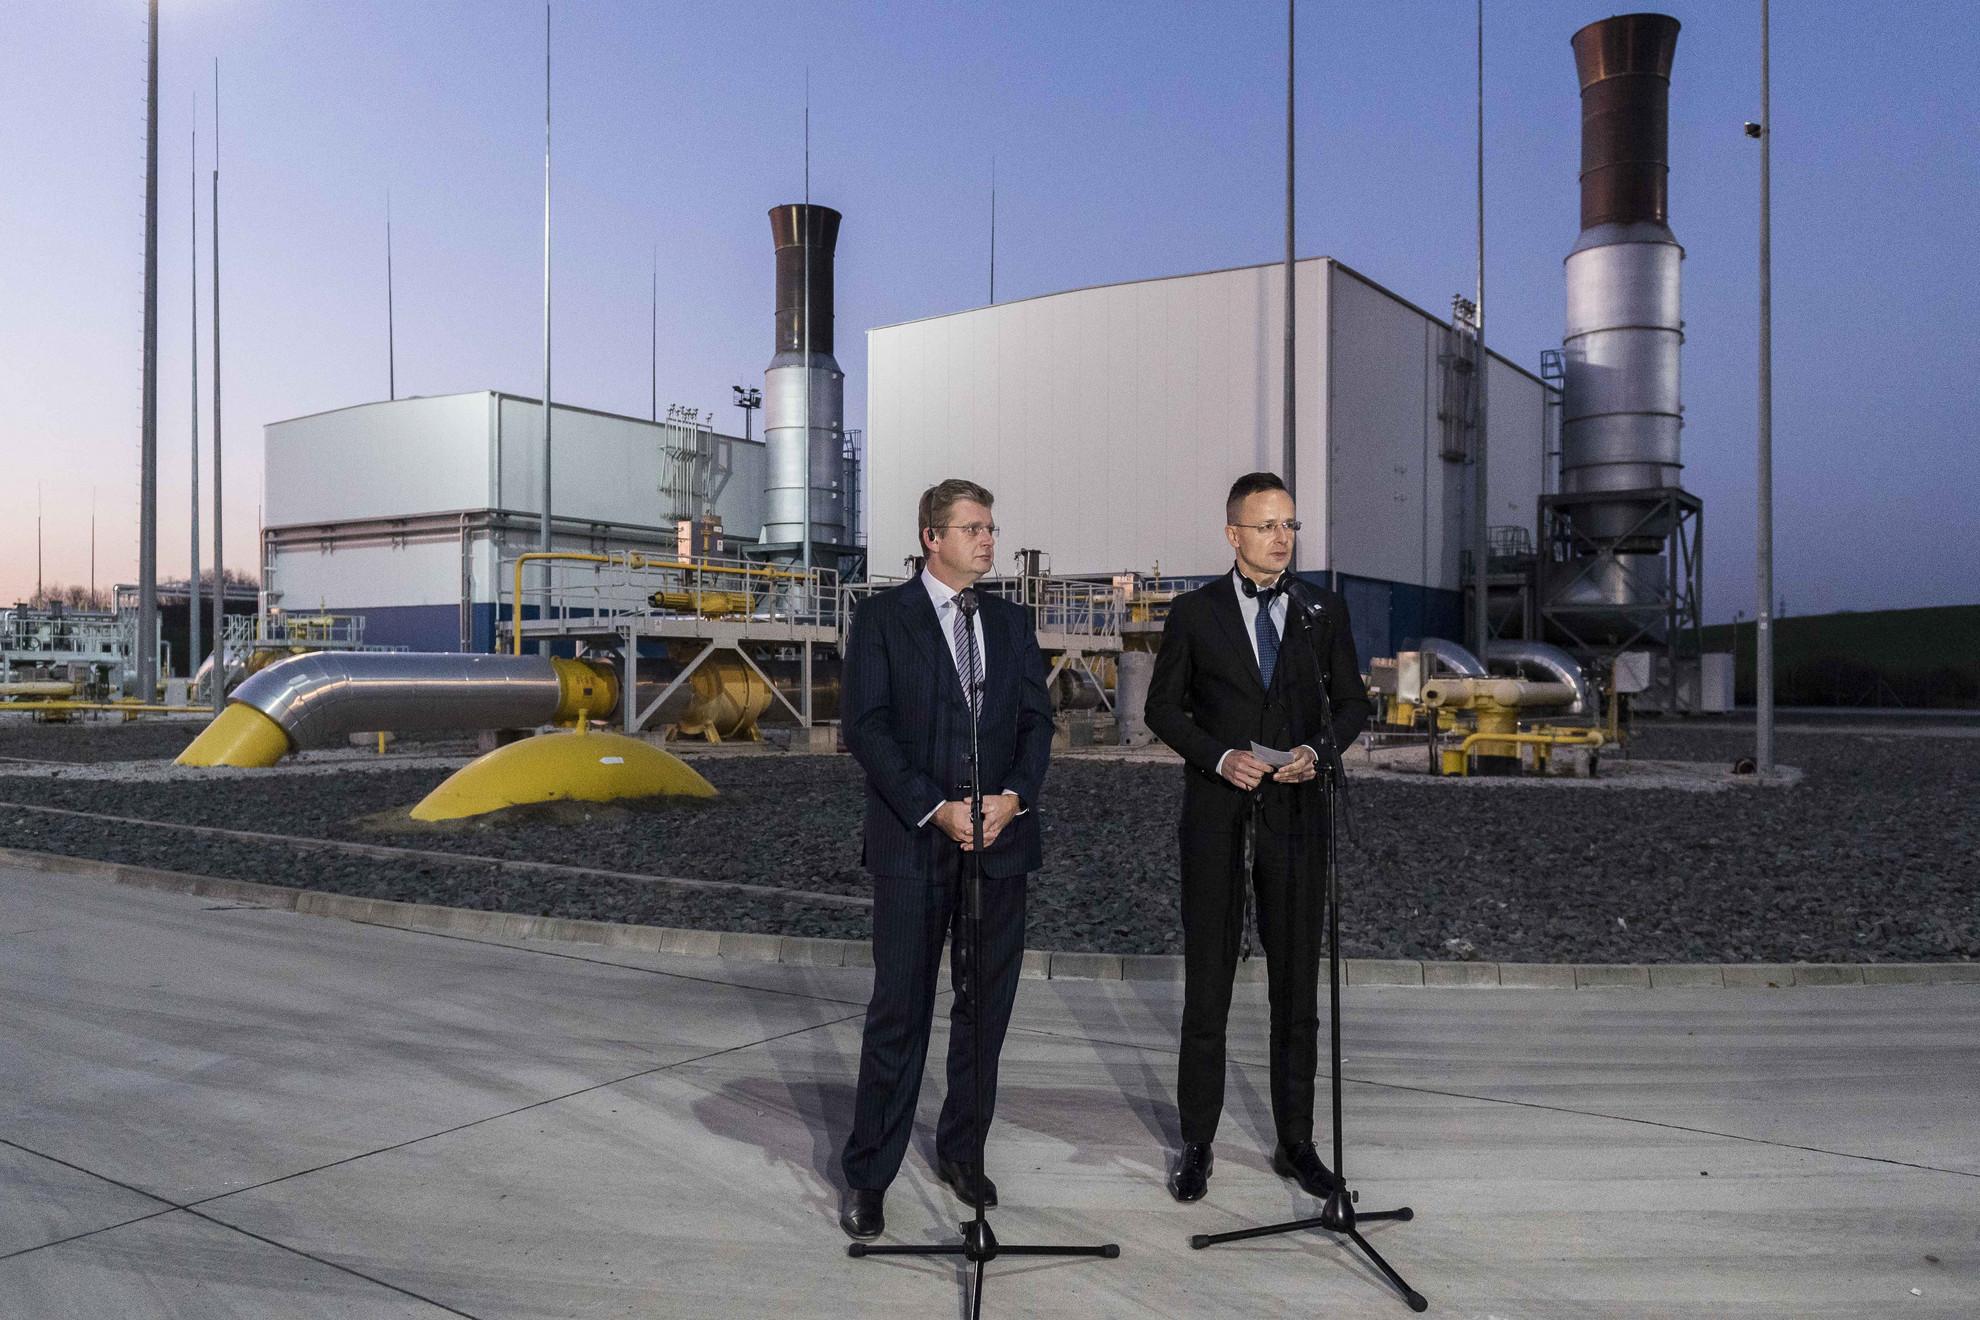 Szijjártó Péter külgazdasági és külügyminiszter (j) beszél, mellette Peter Ziga szlovák gazdasági miniszter a találkozójuk utáni sajtótájékoztatón Felsőzellőben, az ott működő gázkompresszor-állomás központban 2019. november 25-én